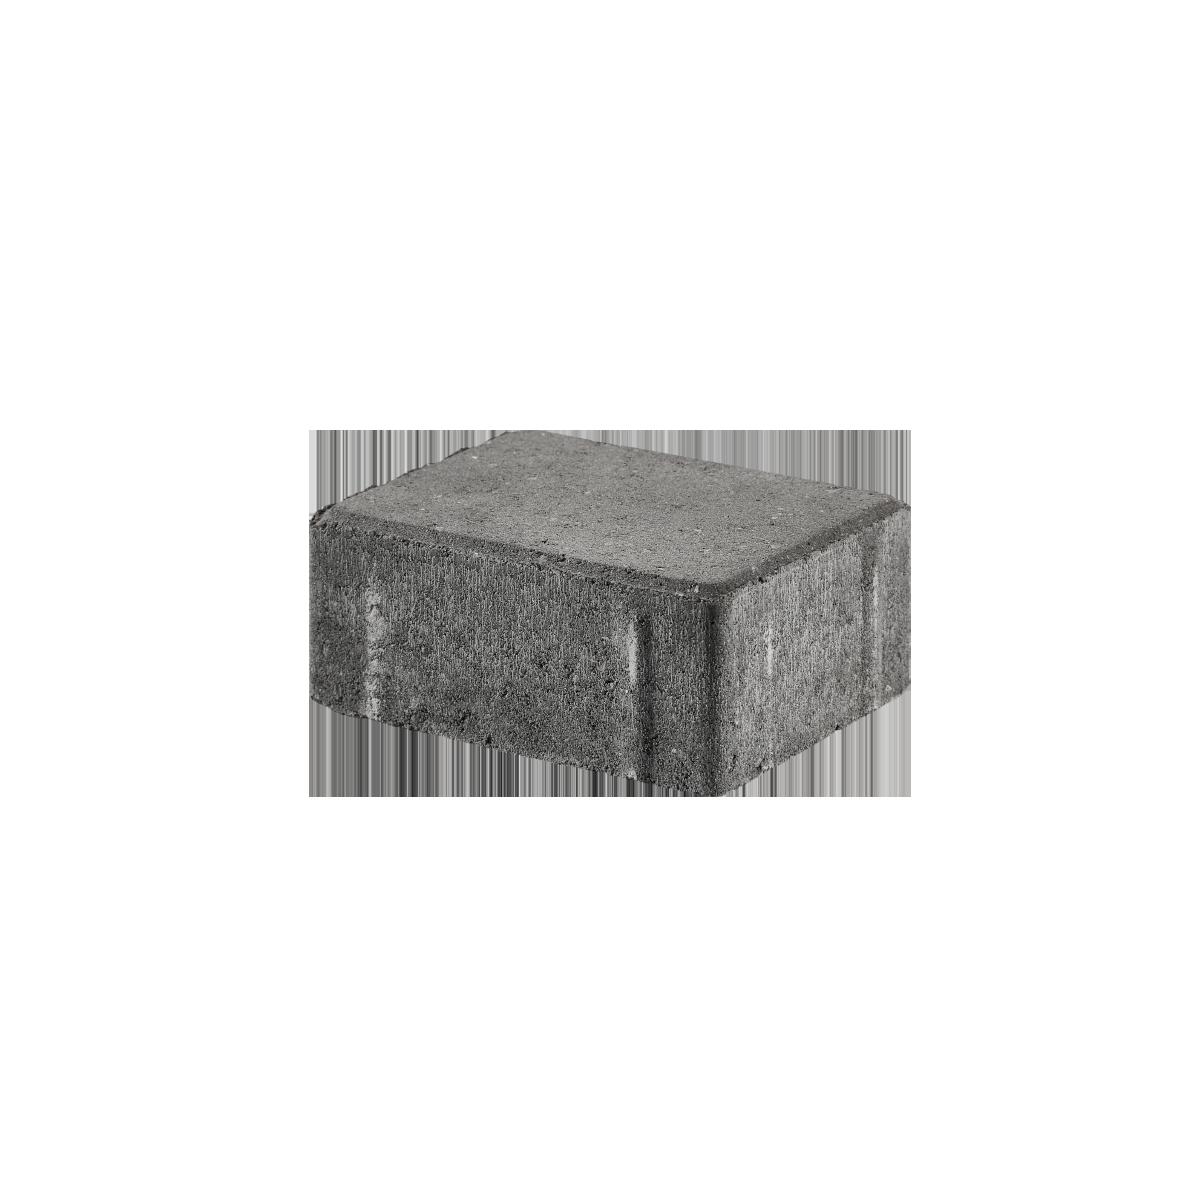 Bondesten 14x10,5x5 cm Grå Halve